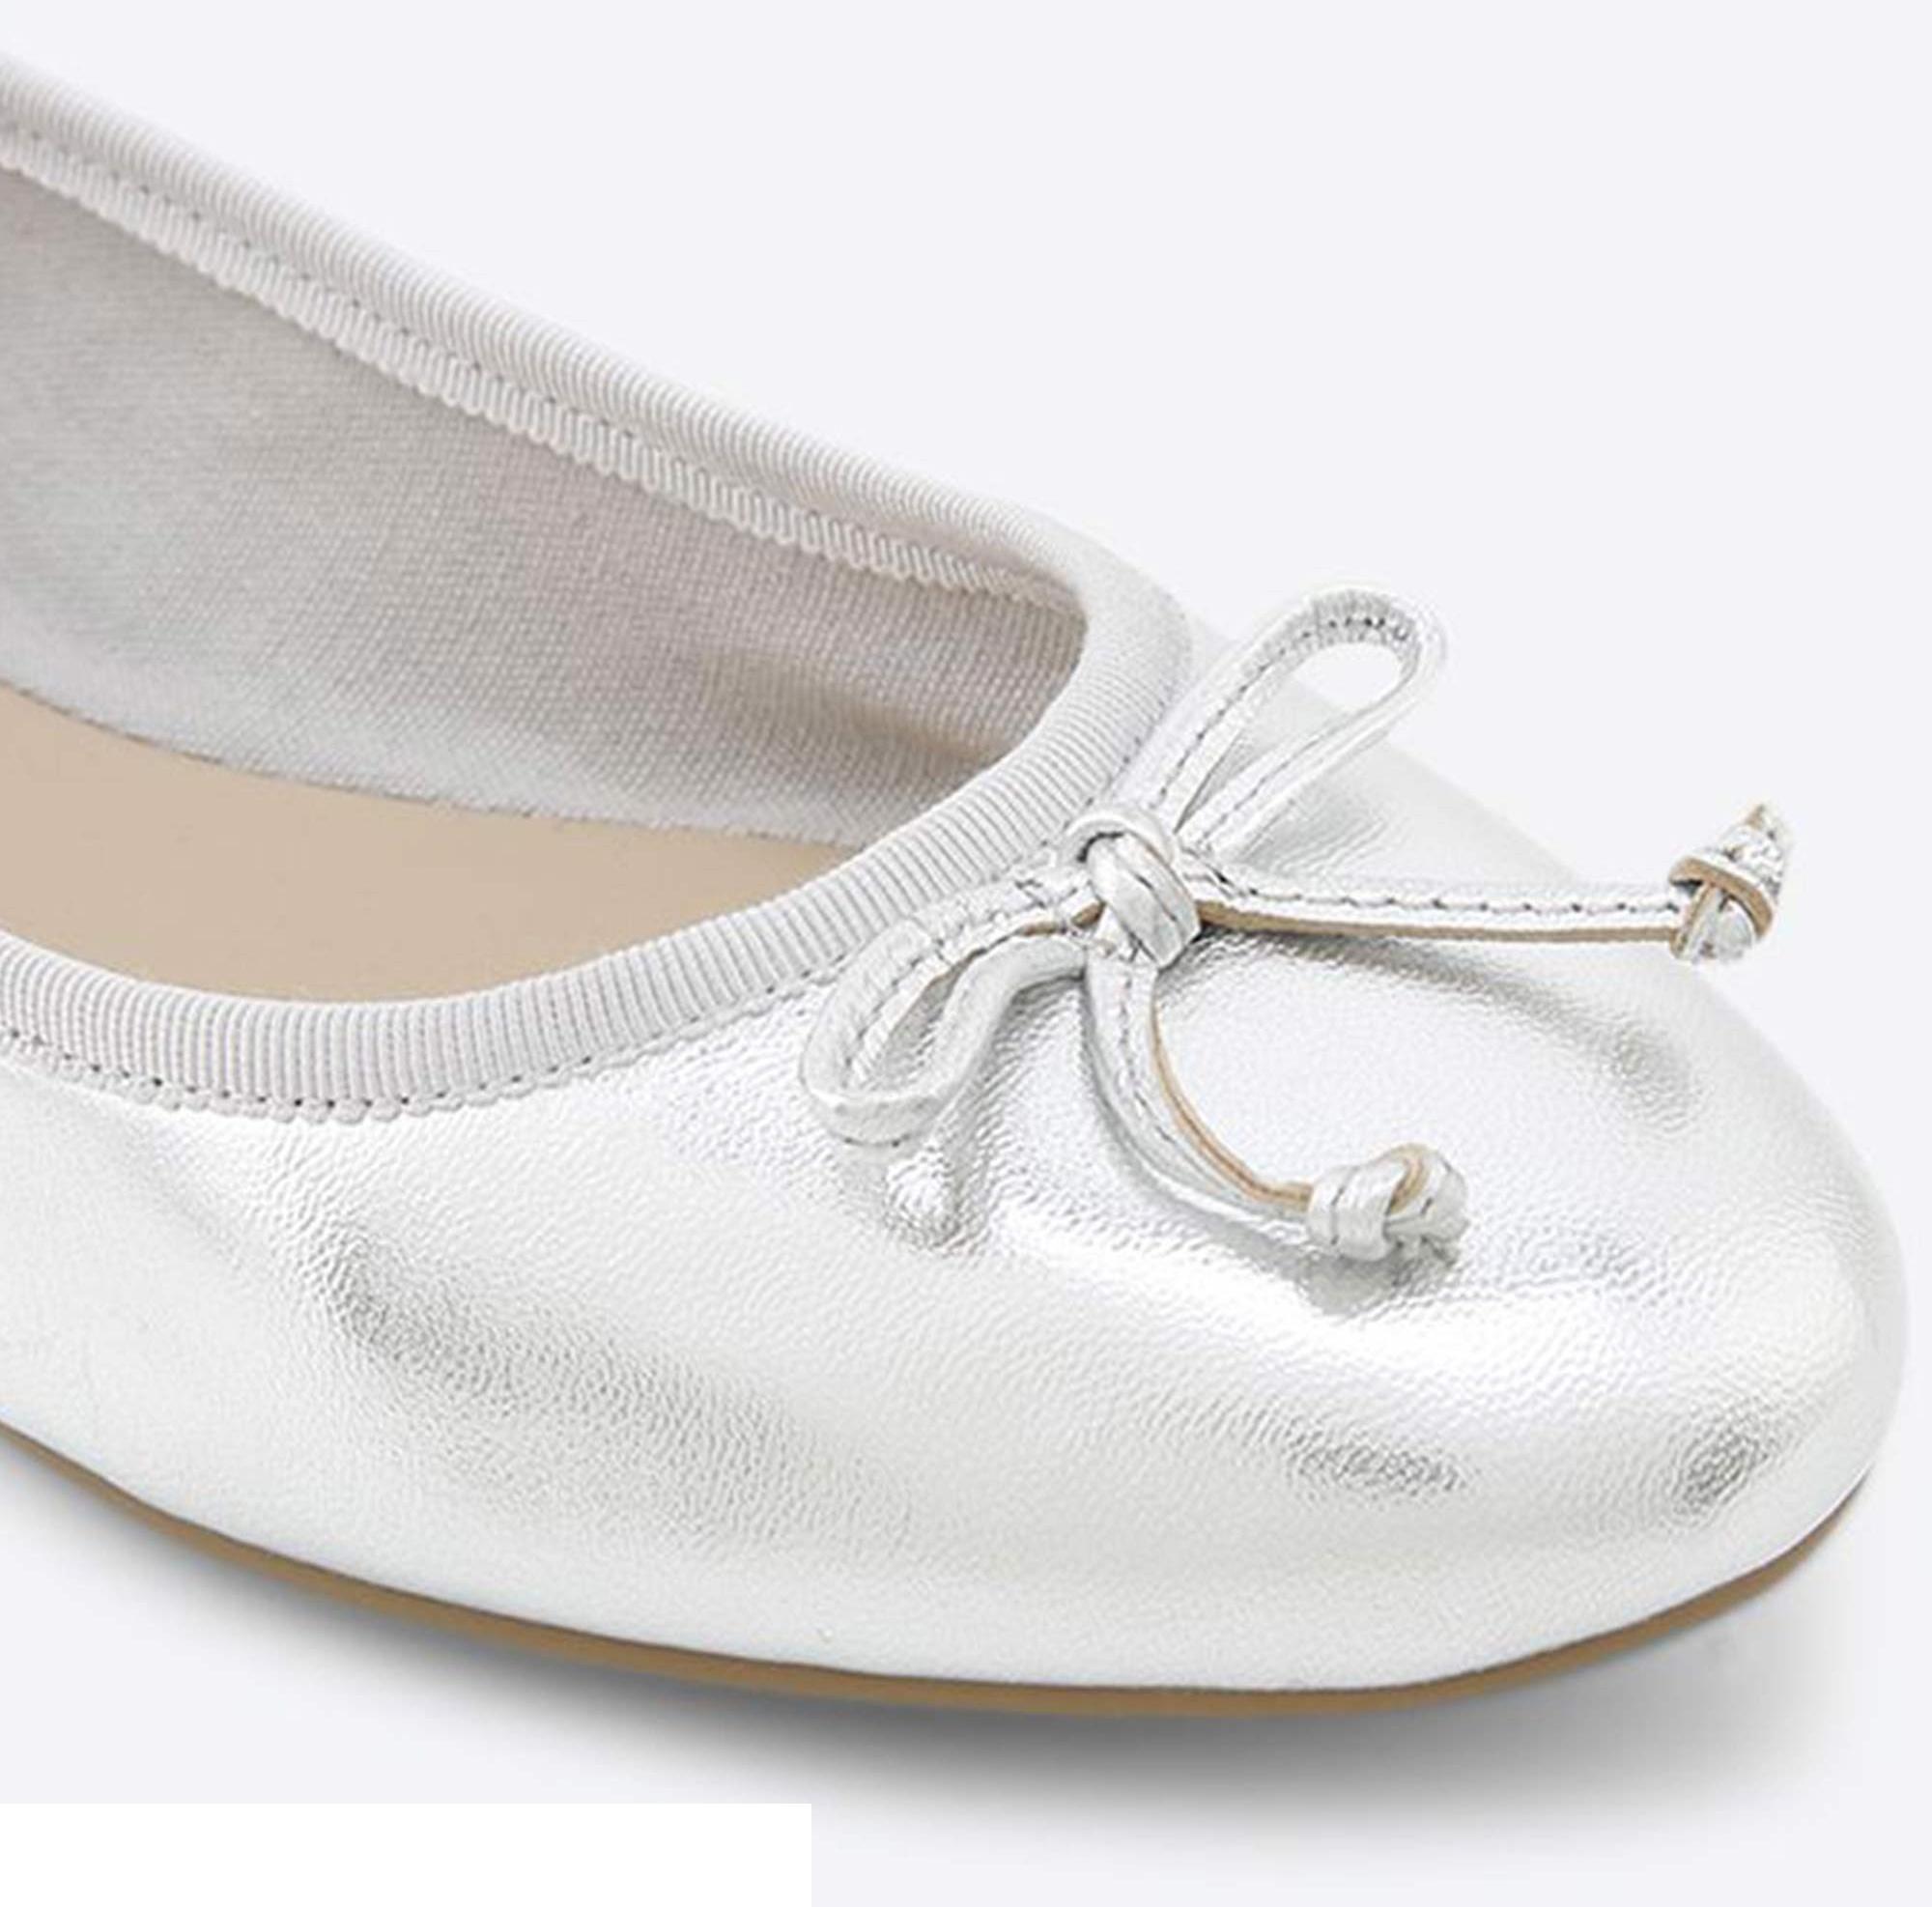 کفش تخت عروسکی چرم زنانه - آلدو - نقره اي - 4